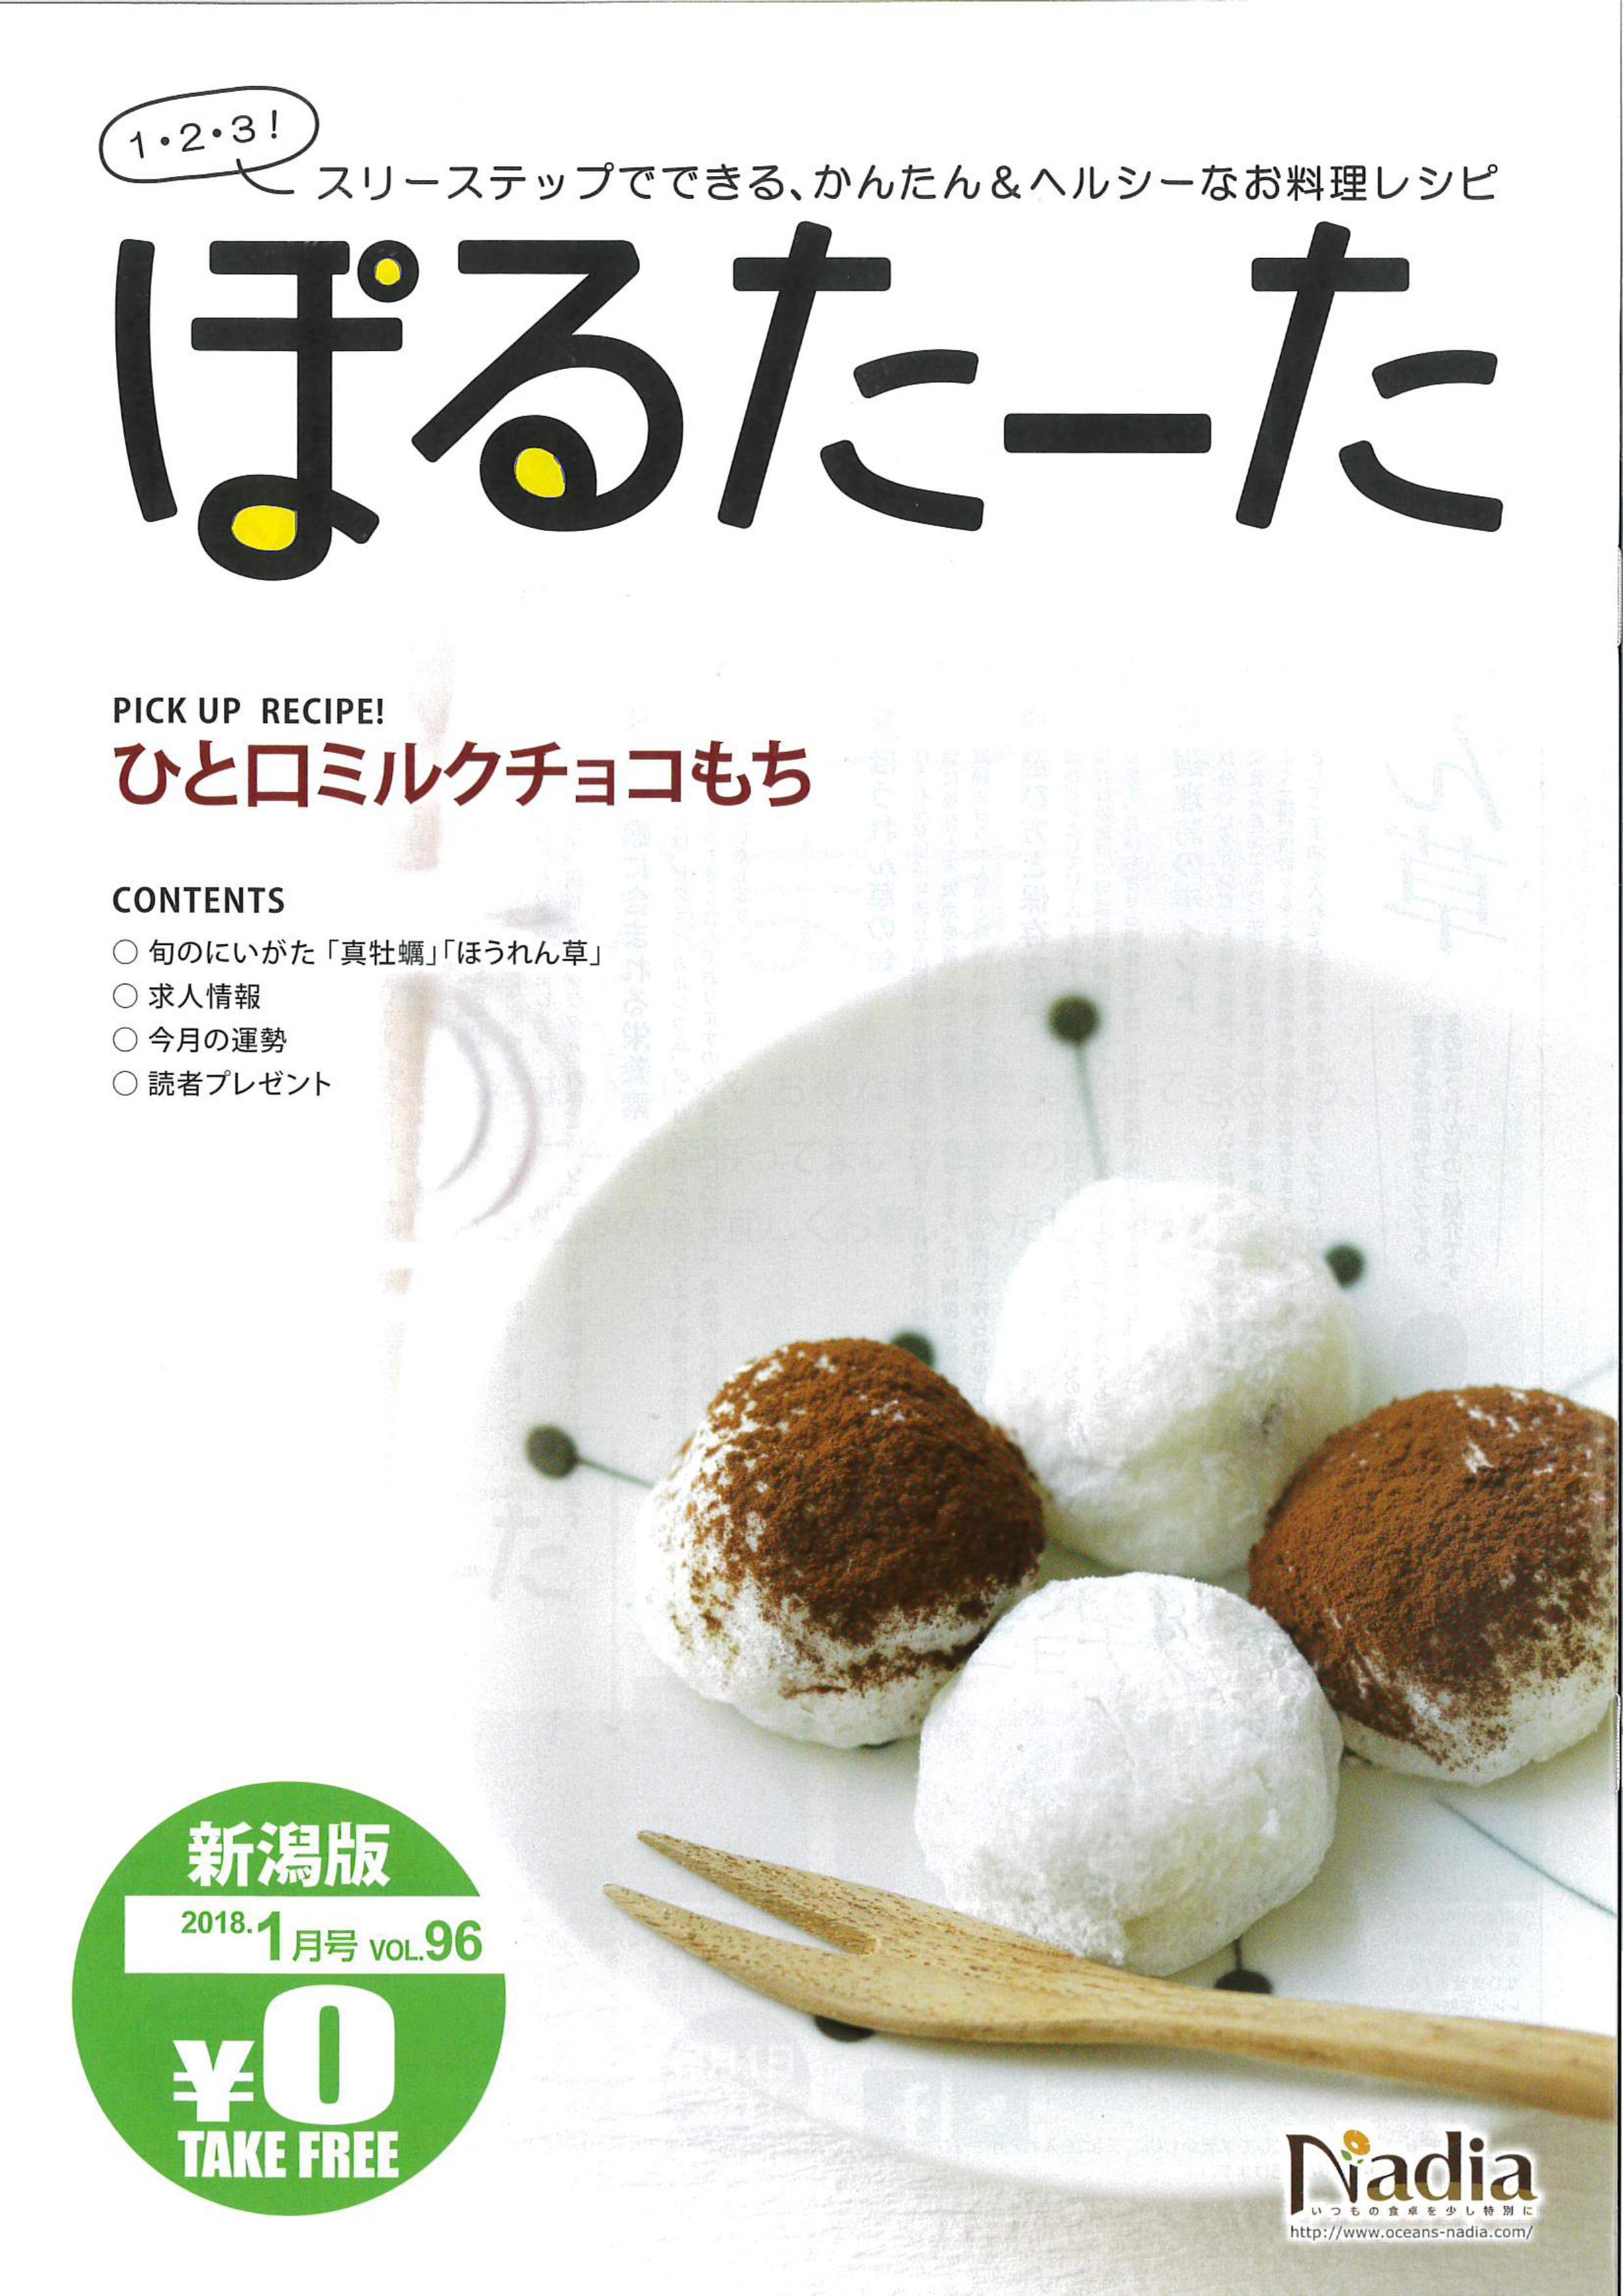 栁川かおり:フリーペーパー「ぽるたーたVOL.96(2018.1月号)」にレシピが掲載されました